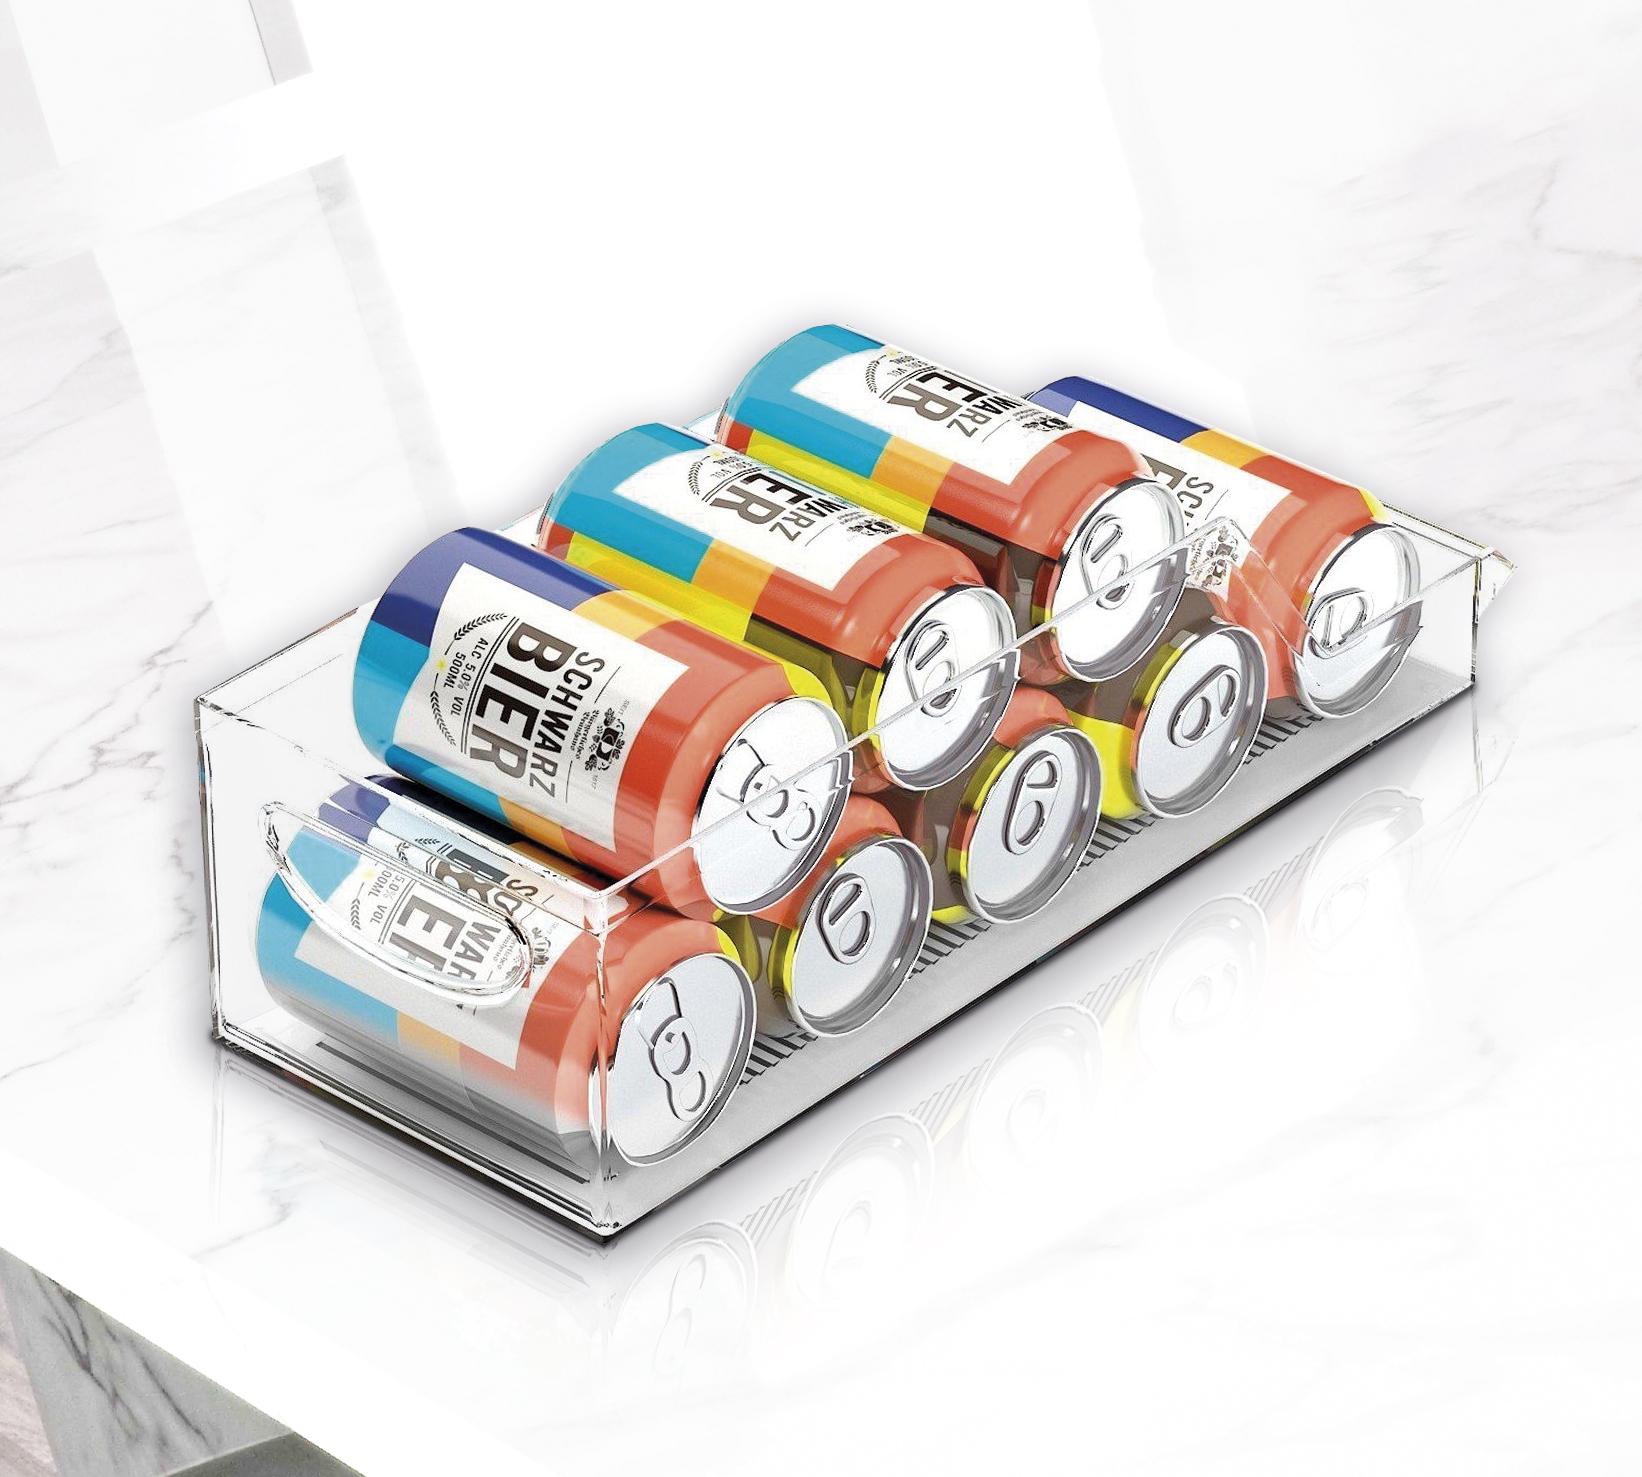 Organizador de latas para frigorífico BN5212